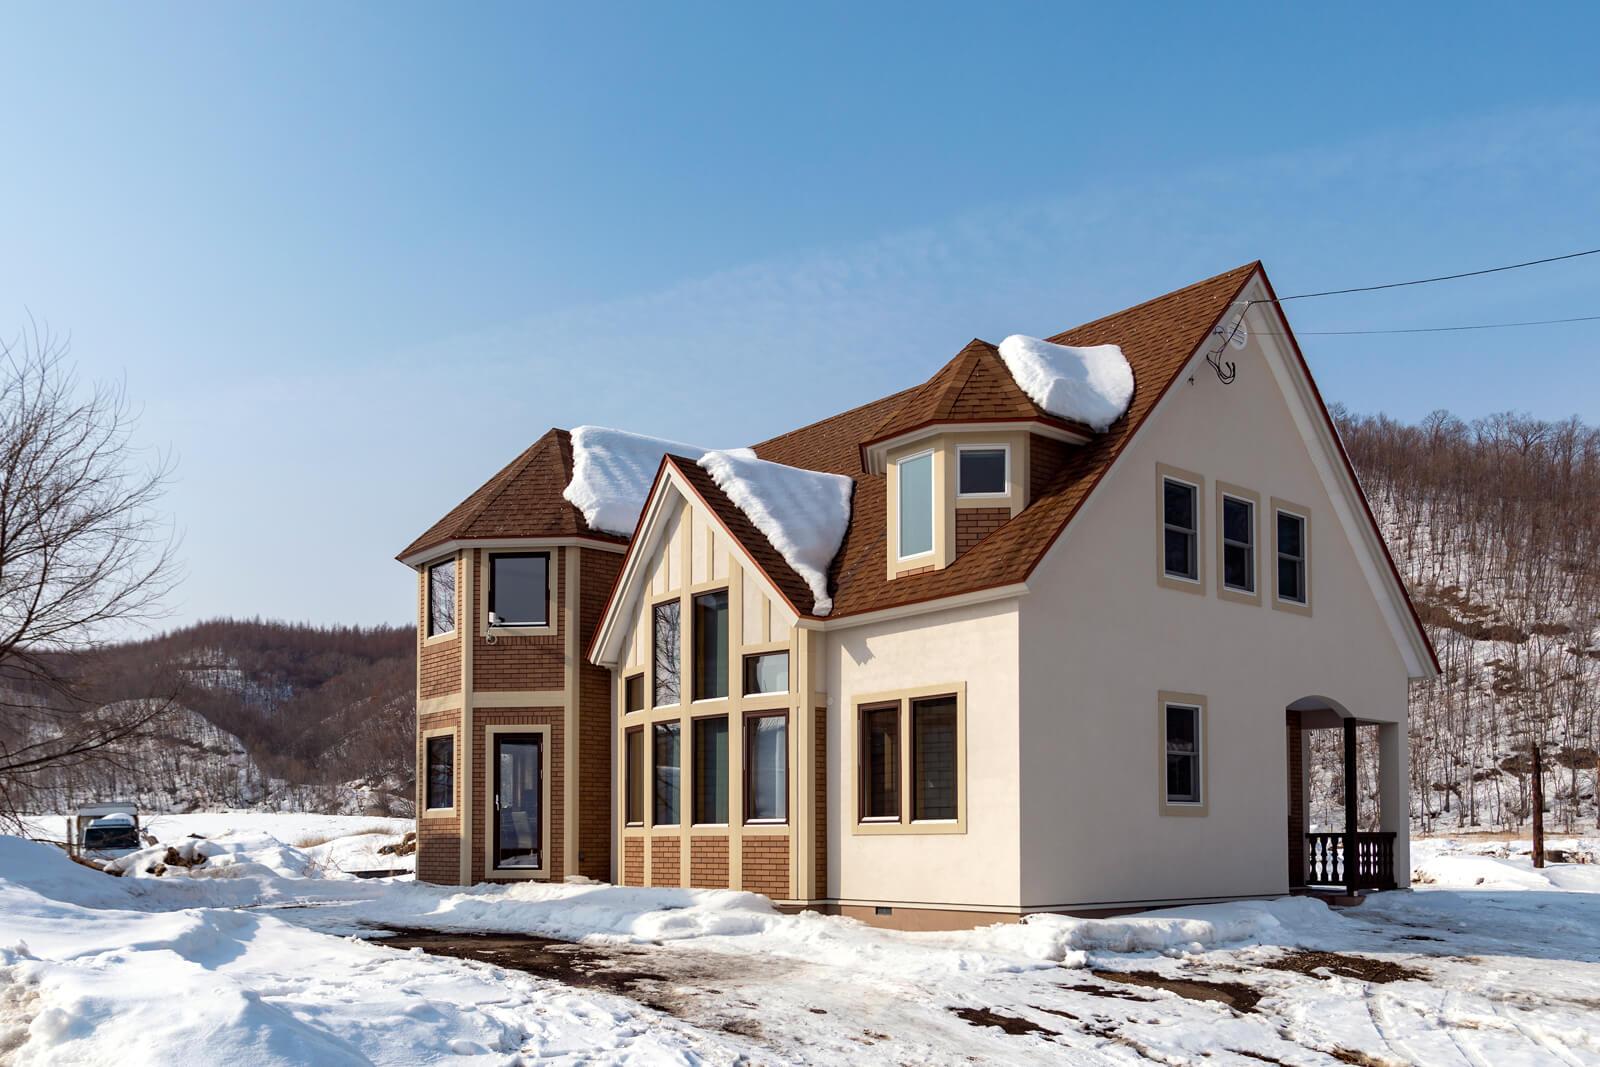 三角屋根と尖塔が印象的な外観。大小の窓の数々が室内に明るい陽光を運ぶ